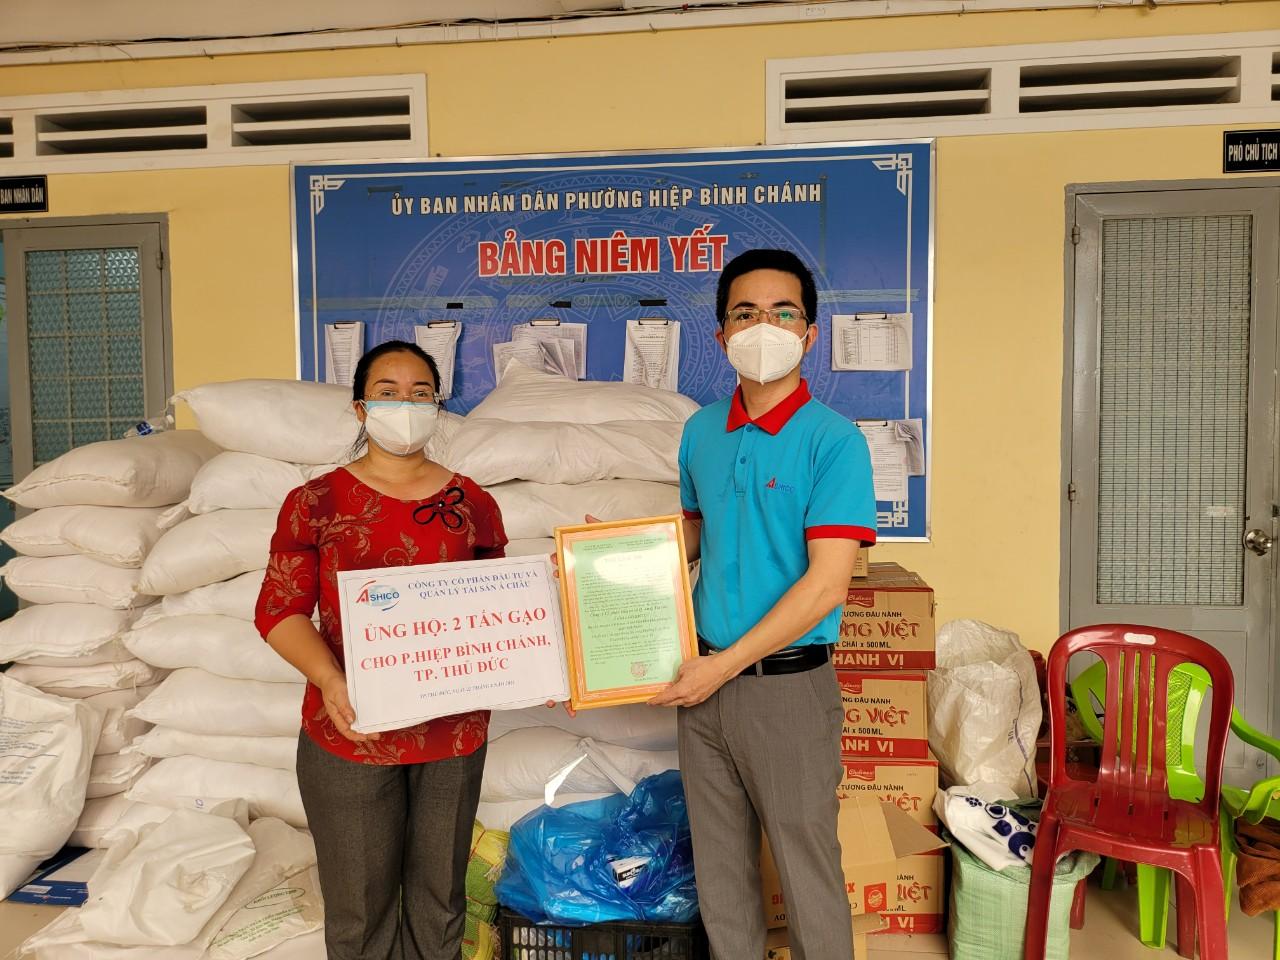 Ashico trao tặng 10 tấn gạo và 200 phần quà cho người dân gặp khó khăn trên địa bàn các Quận tại TP.Hồ Chí Minh